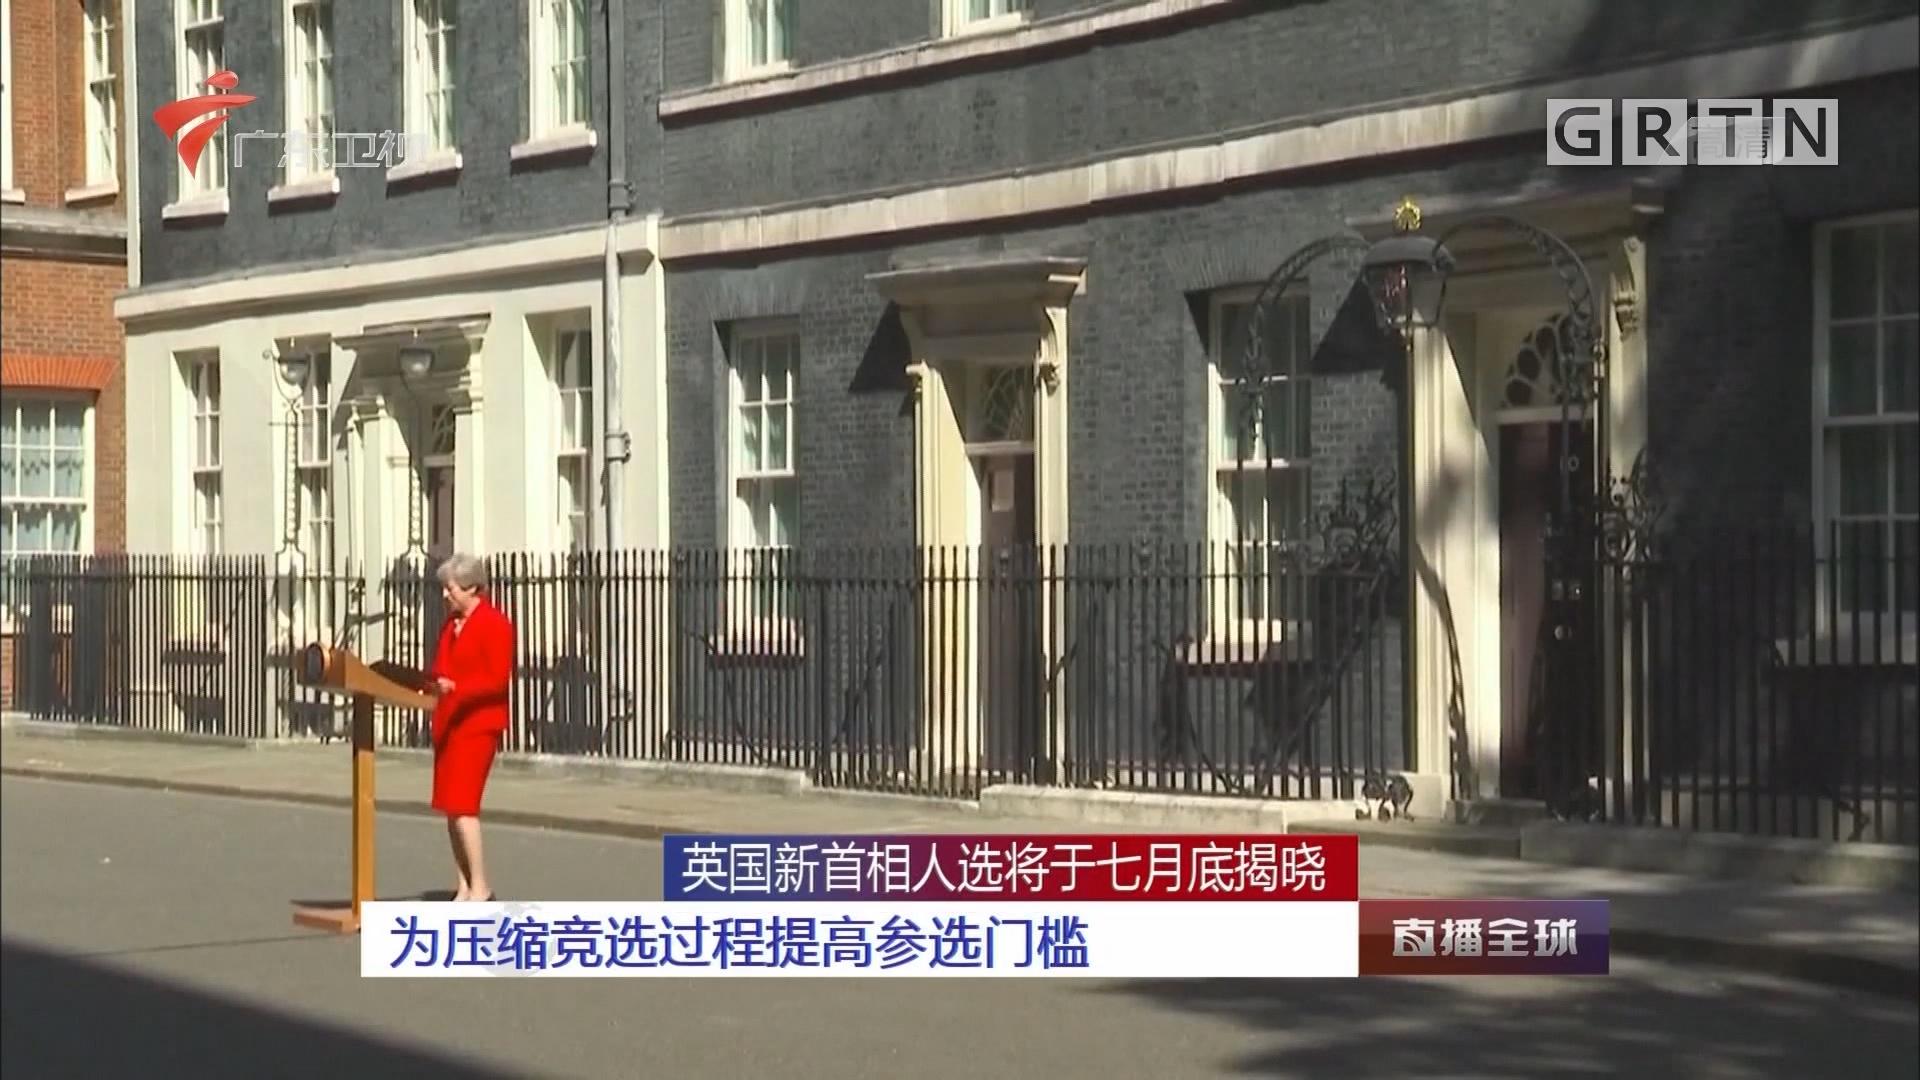 英国新首相人选将于七月底揭晓:为压缩竞选过程提高参选门槛